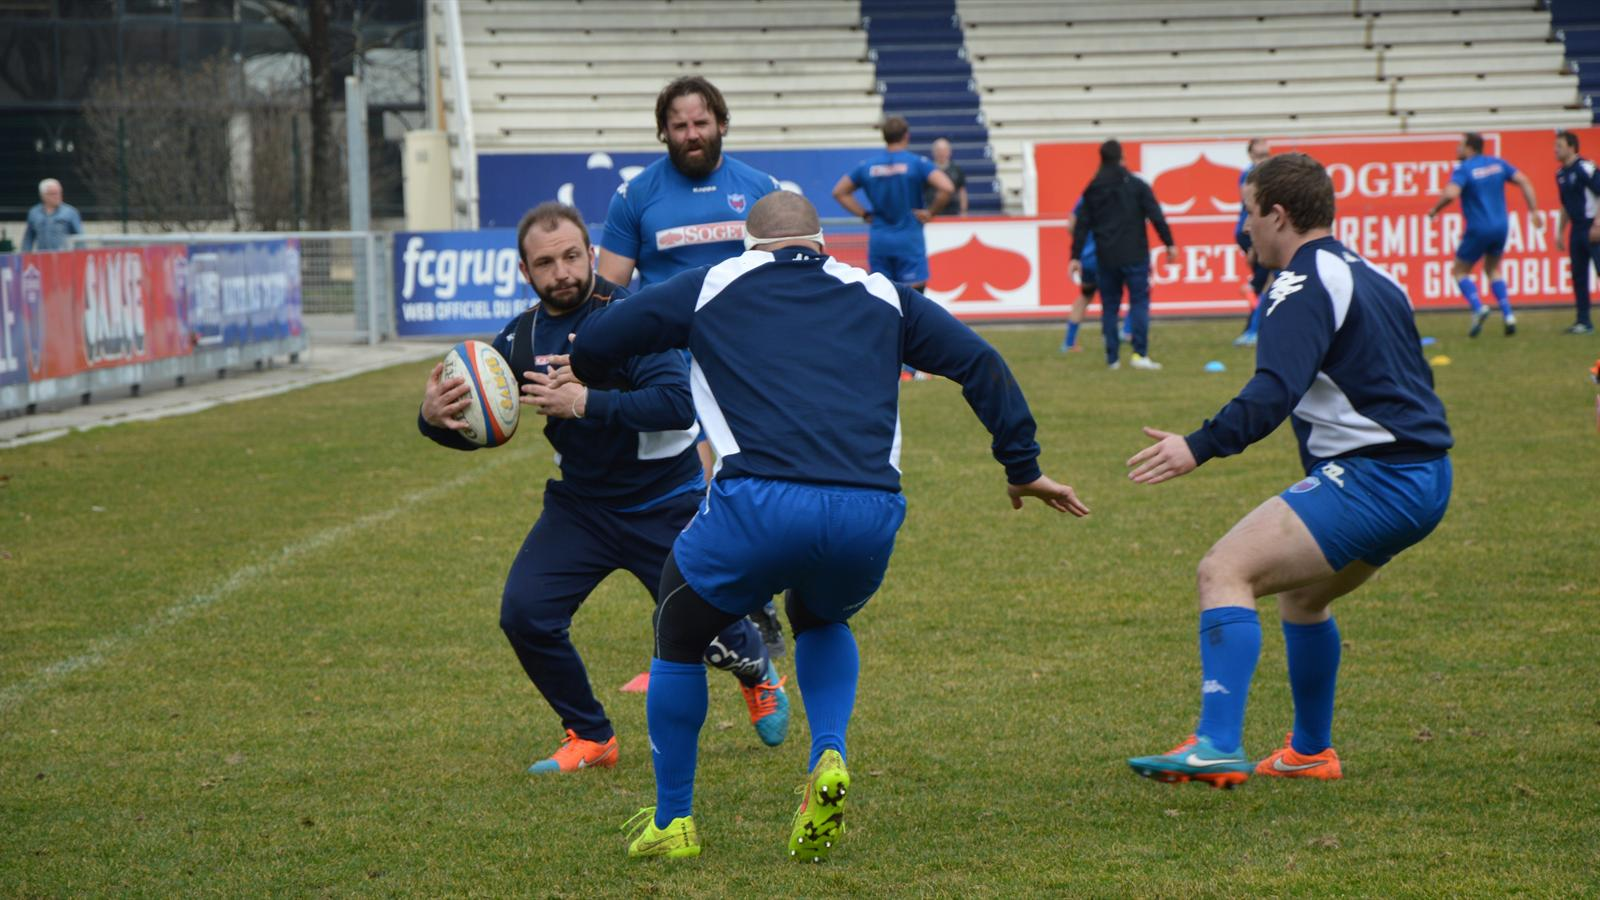 Arnaud Héguy, ici à l'entraînement, essaie d'éviter le plaquage de son collègue du FCG Fabien Barcella. Photo Laurent Genin. Rugbyrama 10 mars 2015